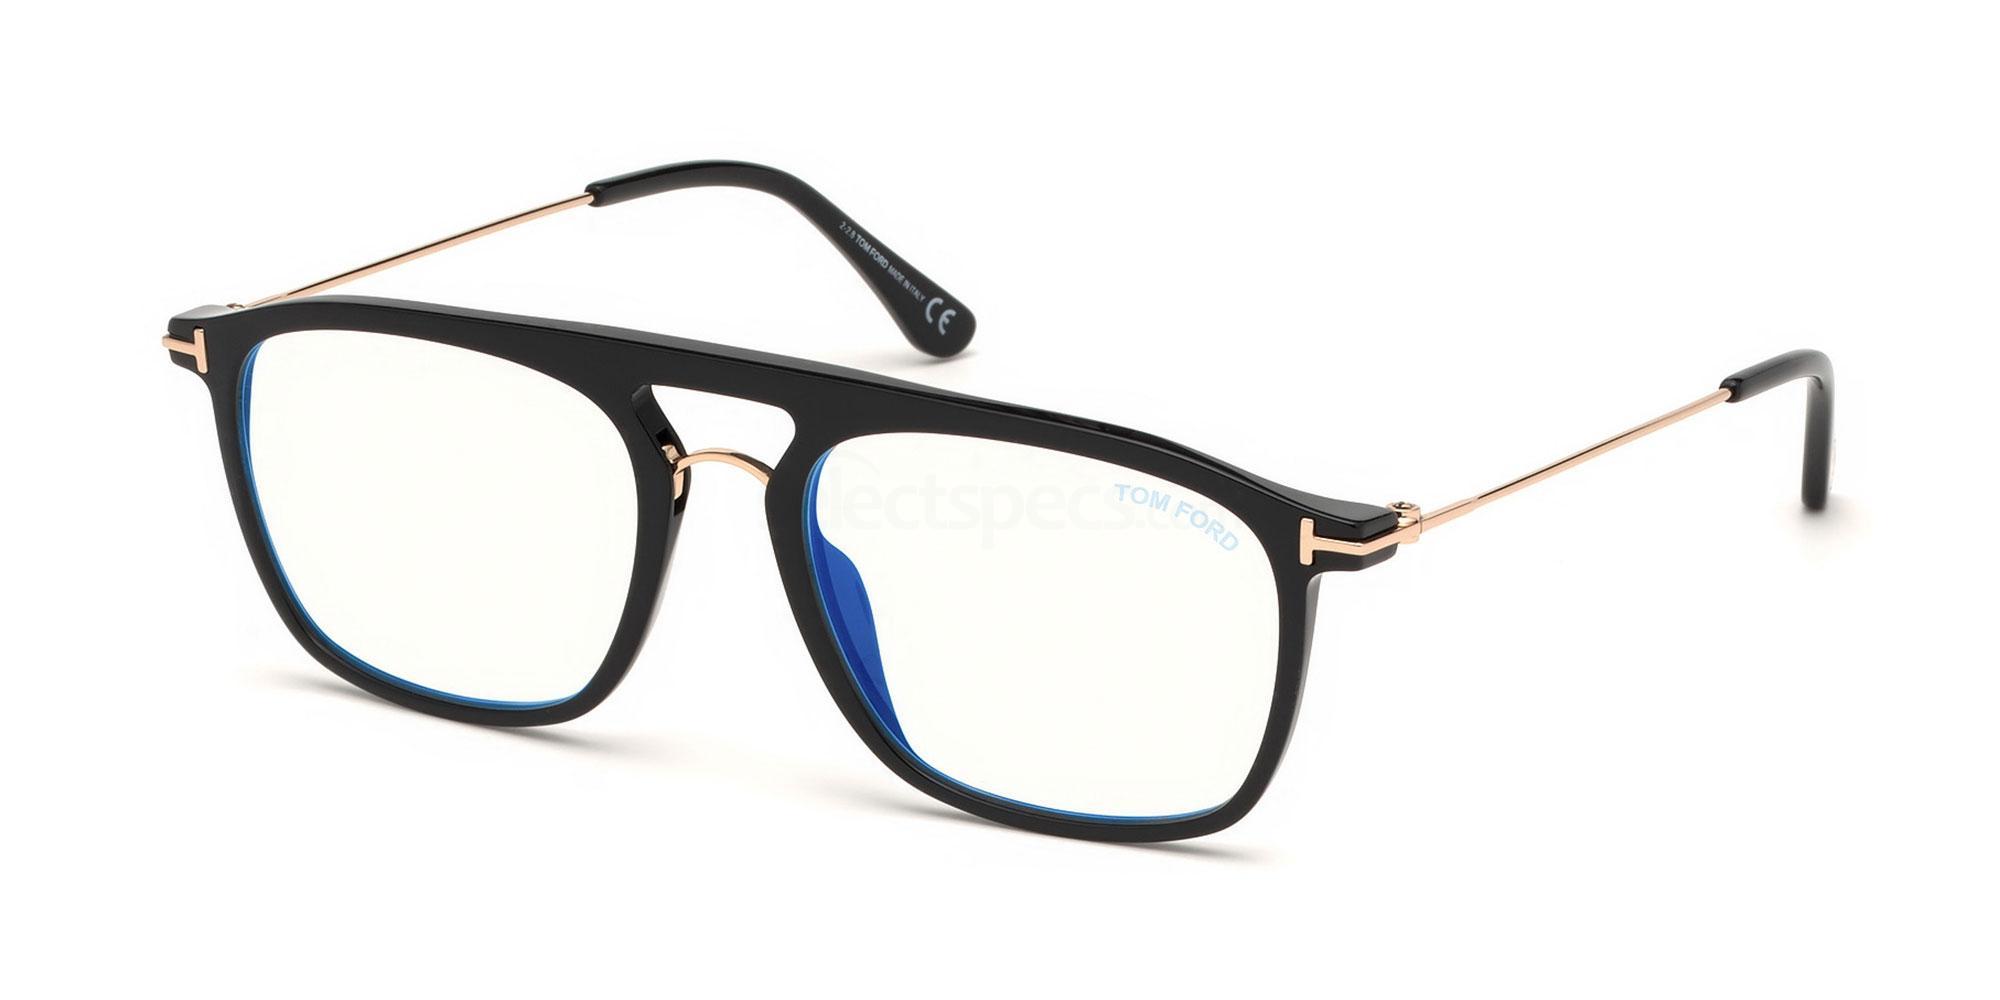 001 FT5588-B Glasses, Tom Ford